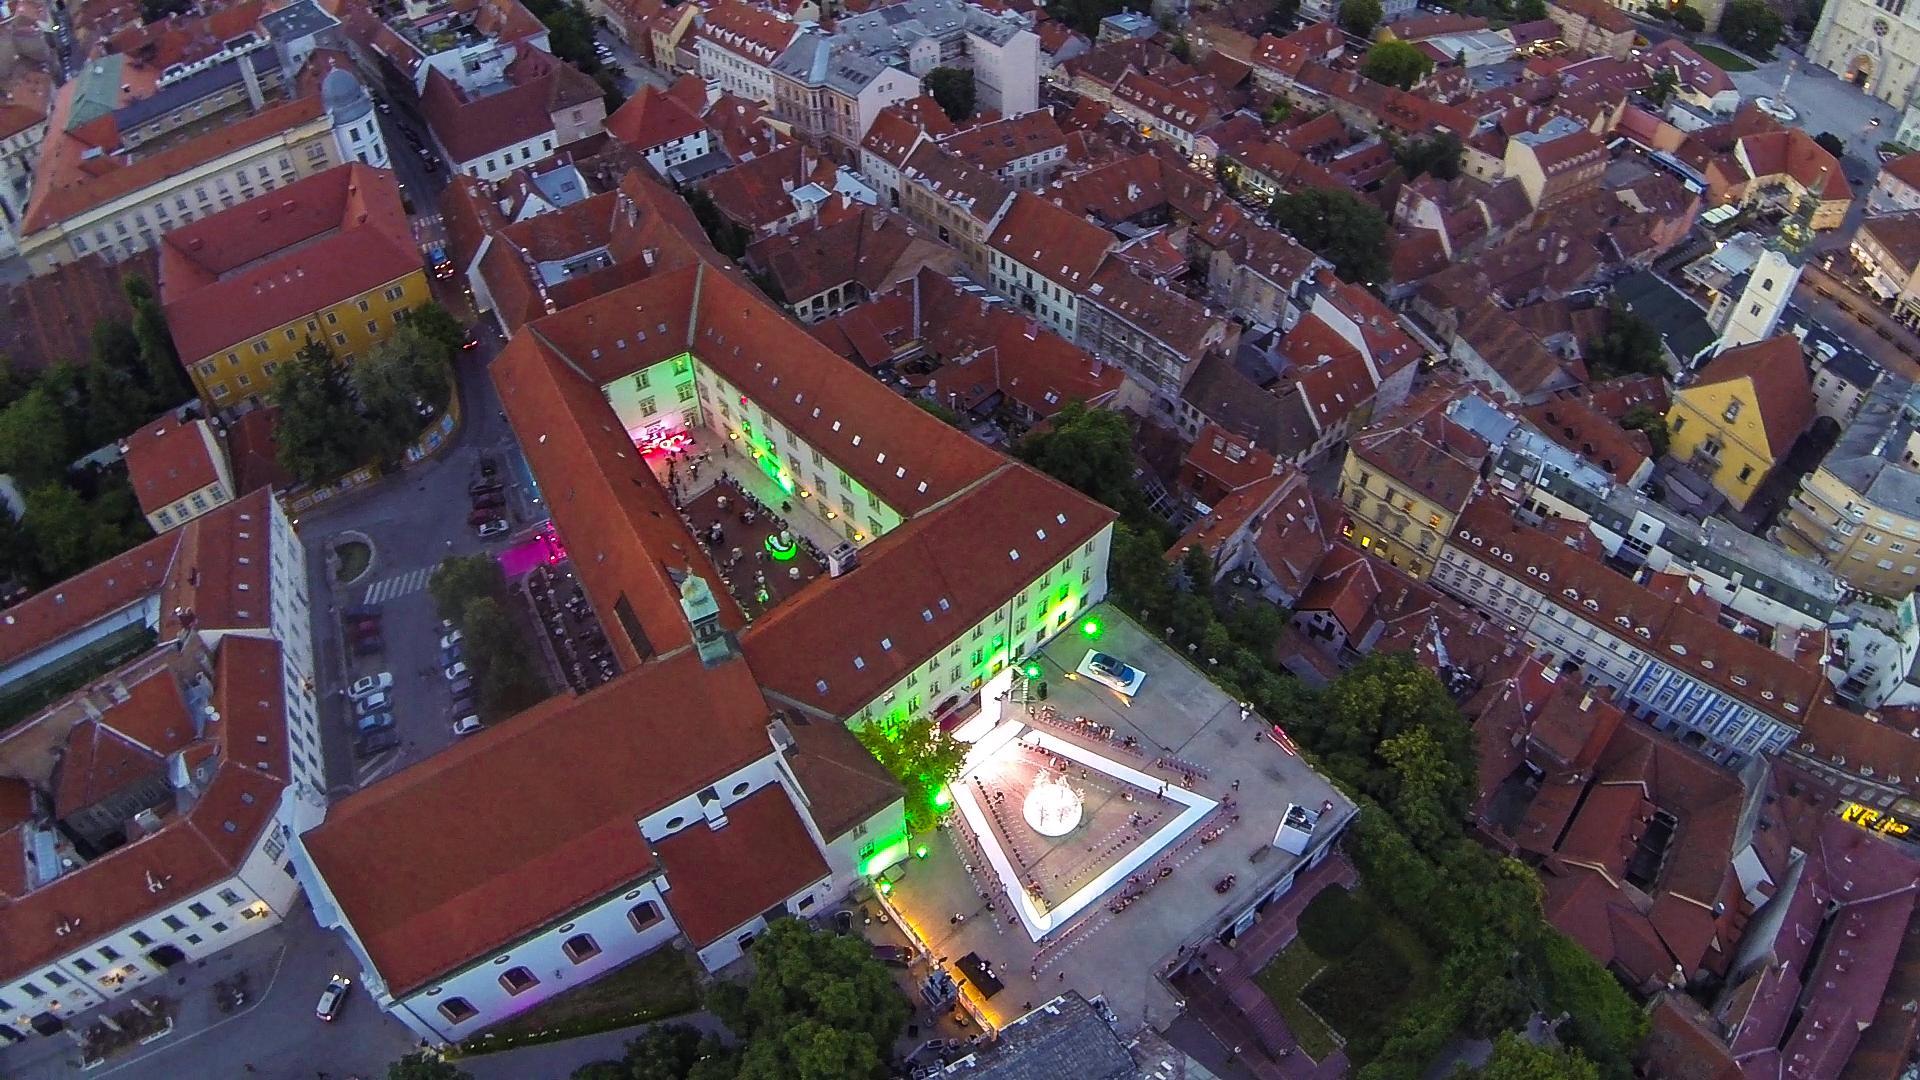 Obavijest o odgađanju javnih događanja u Galeriji Klovićevi dvori i Kuli Lotrščak